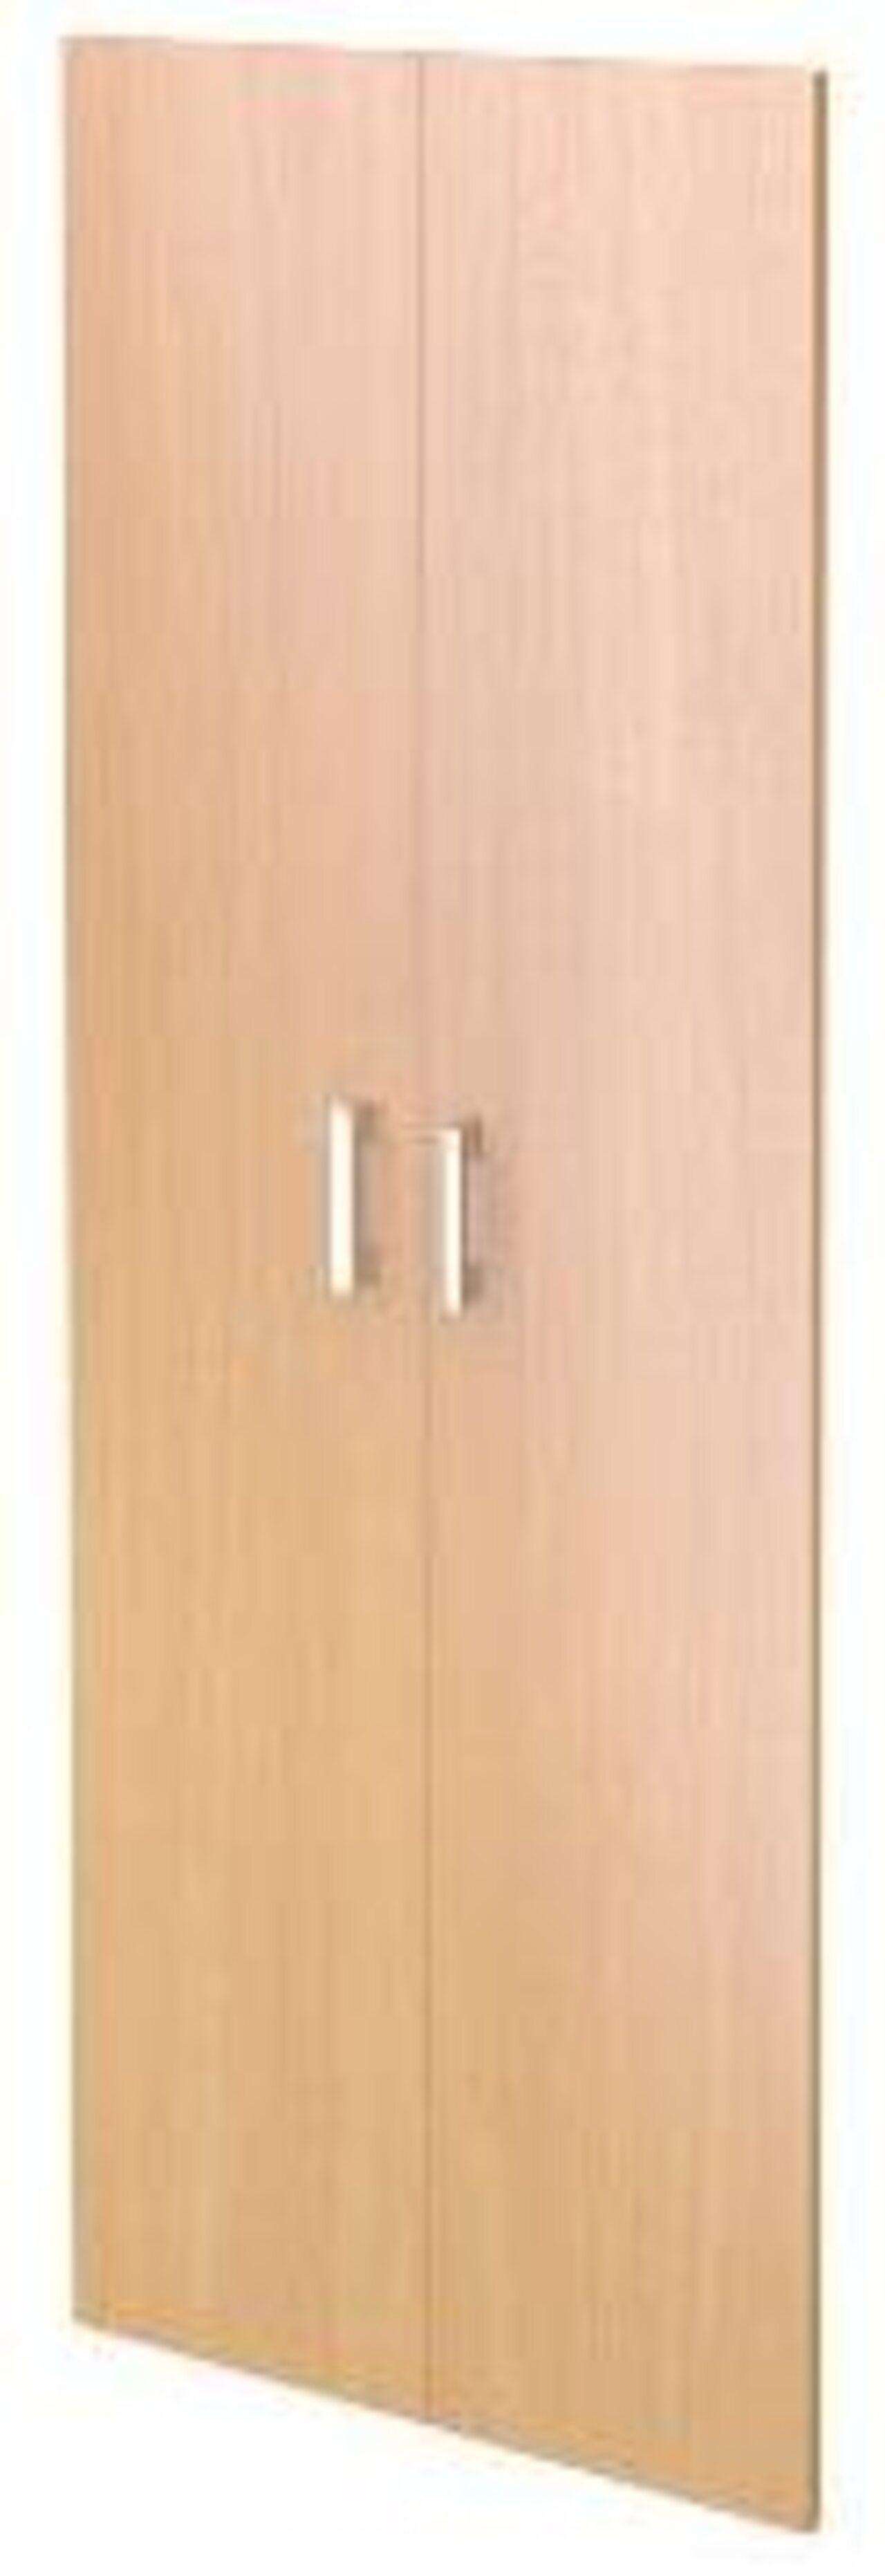 Двери для широких стеллажей  Арго 71x2x115 - фото 2